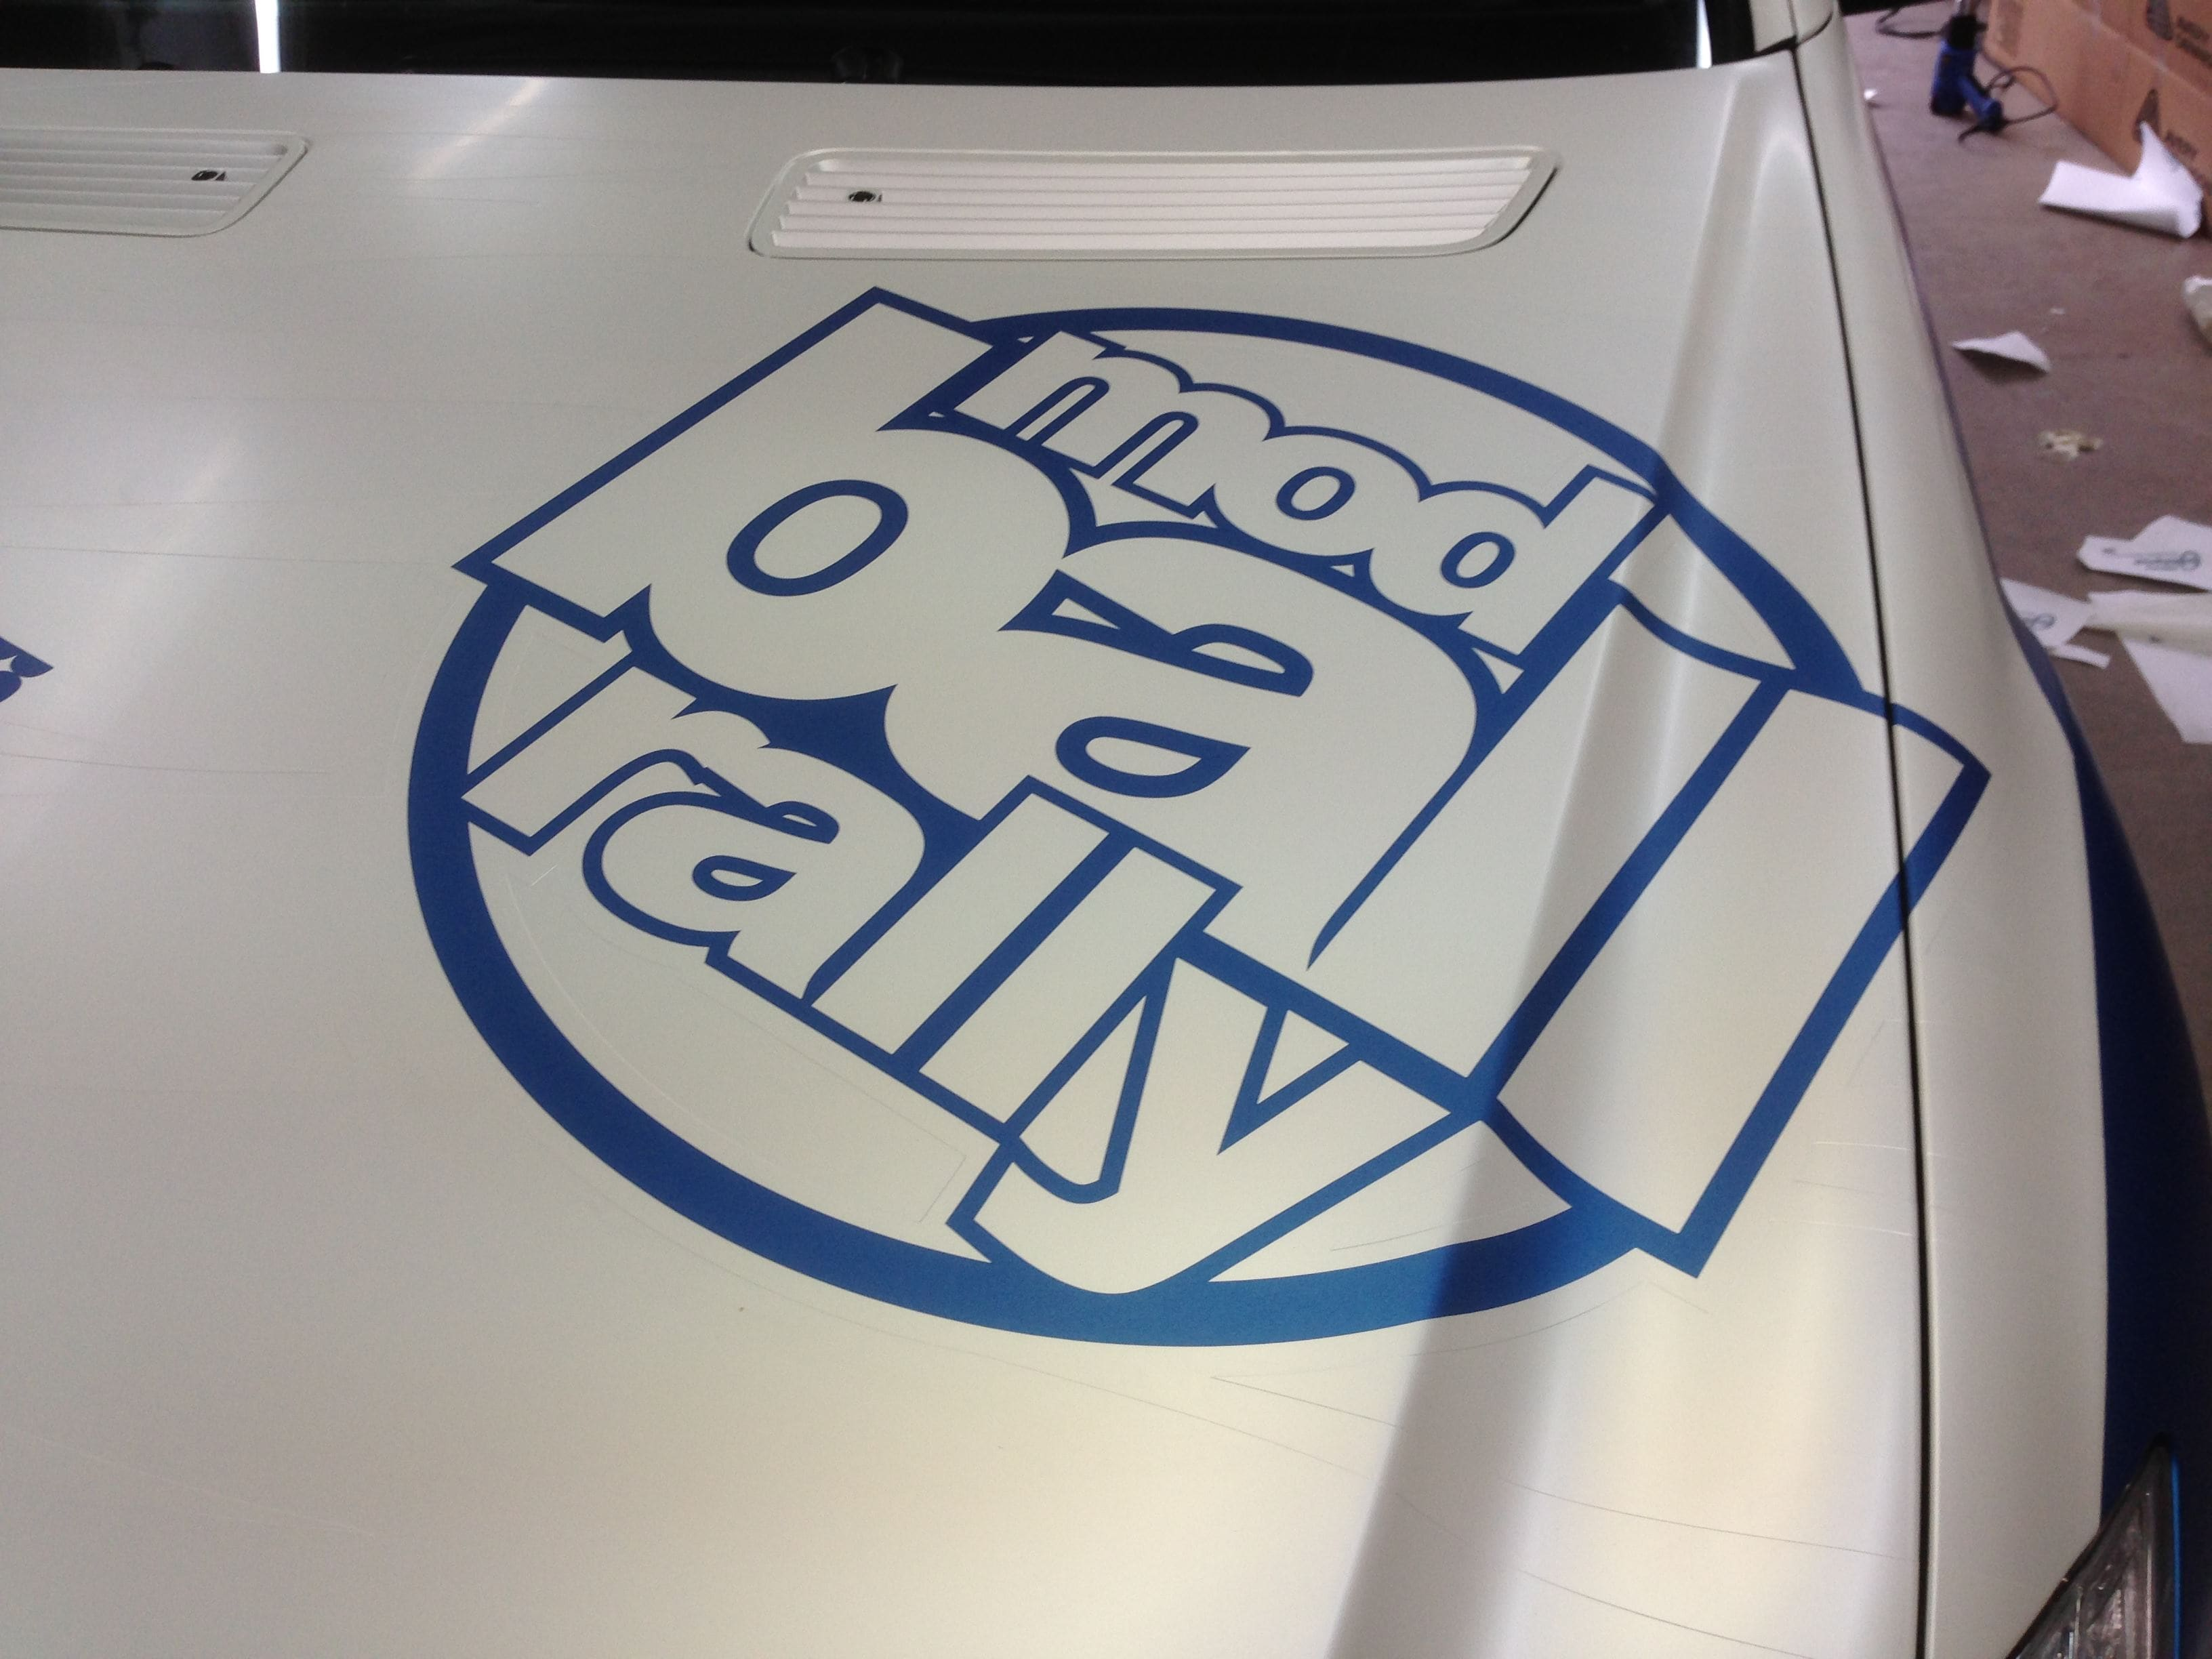 Mercedes S-Klasse AMG met Speciale Modball Wrap, Carwrapping door Wrapmyride.nu Foto-nr:6325, ©2021